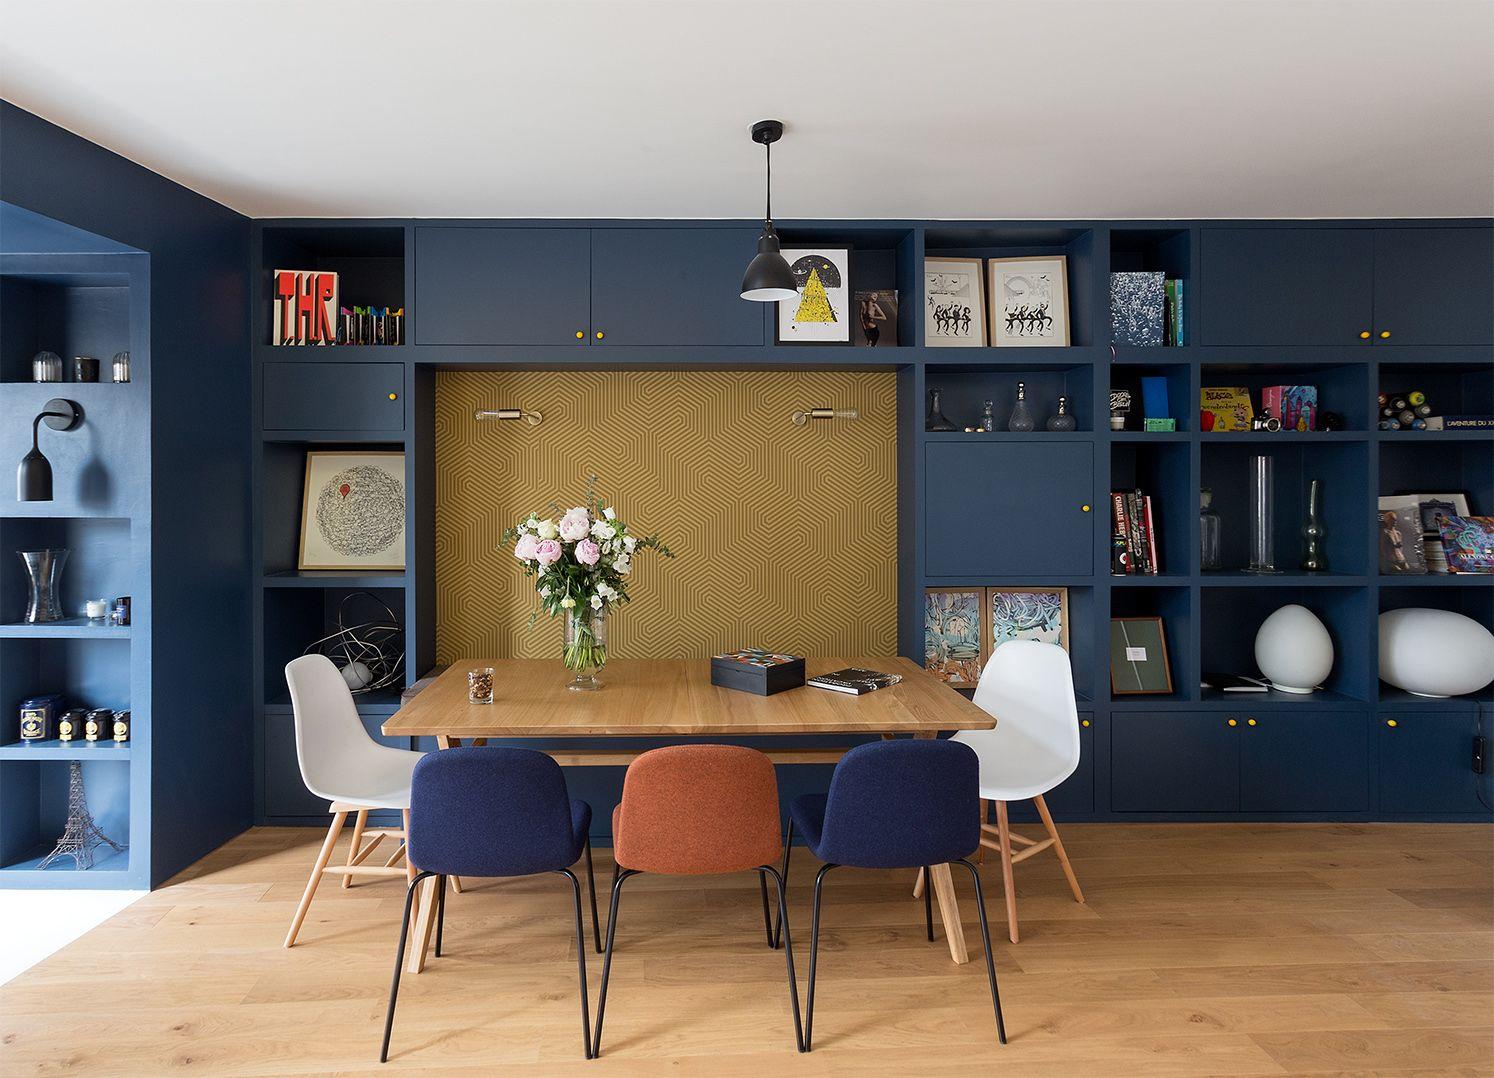 Gcg Architectes mur gris bleu pour la salle à manger leibniz gcg architectes